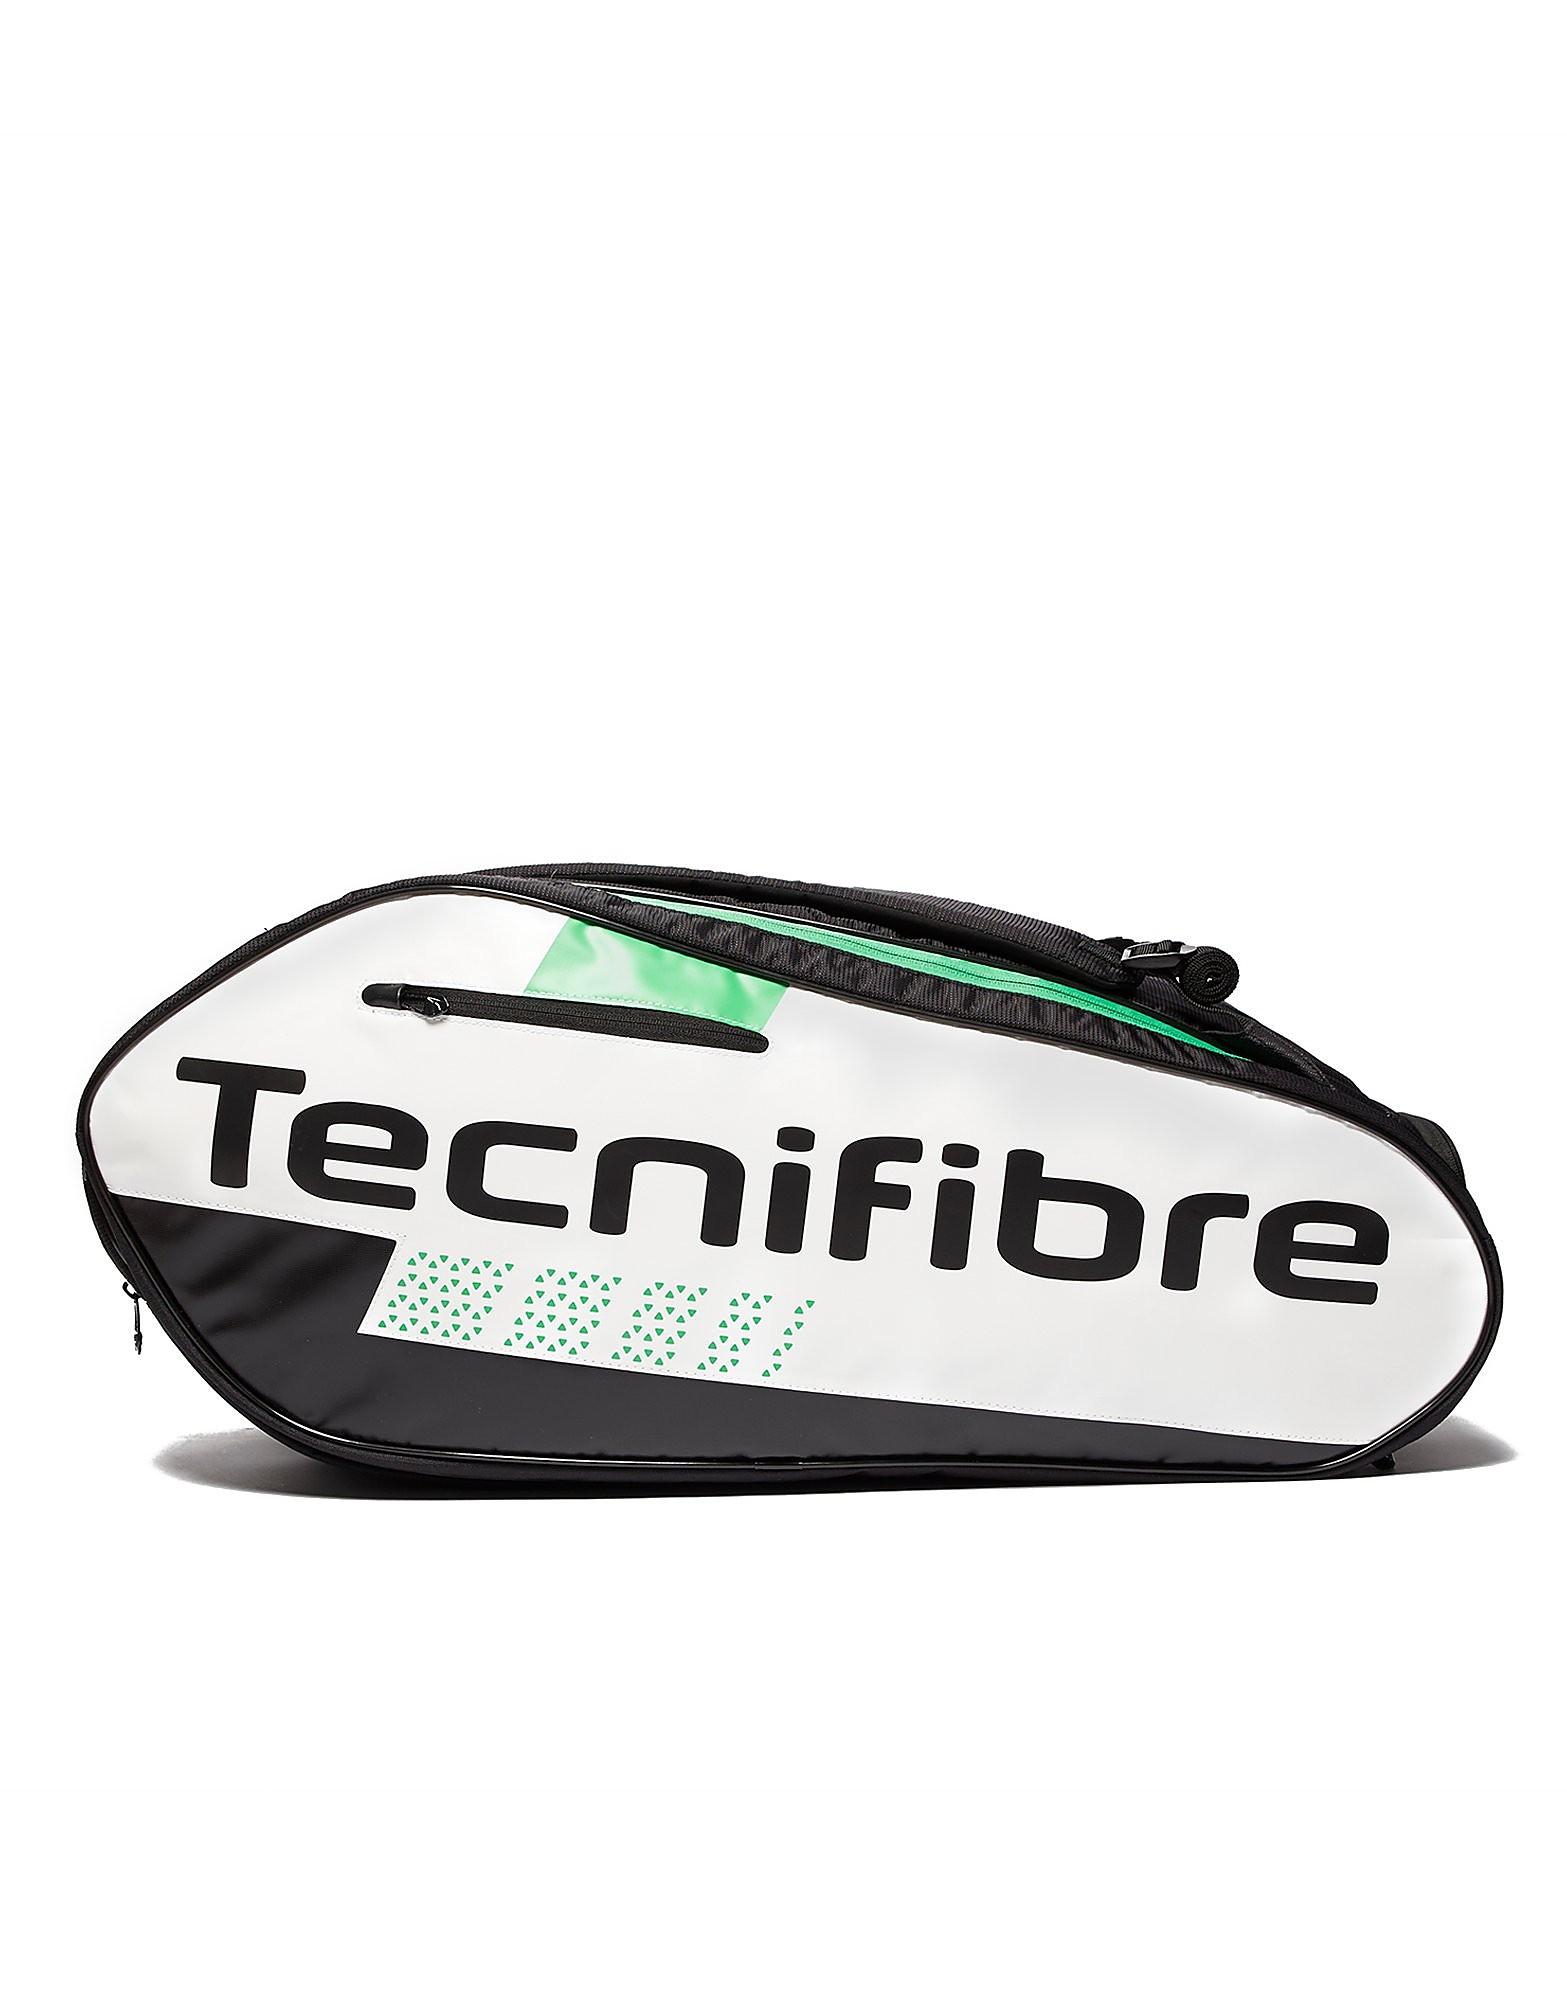 Tecnifibre Squash Green 12R Racket Bag